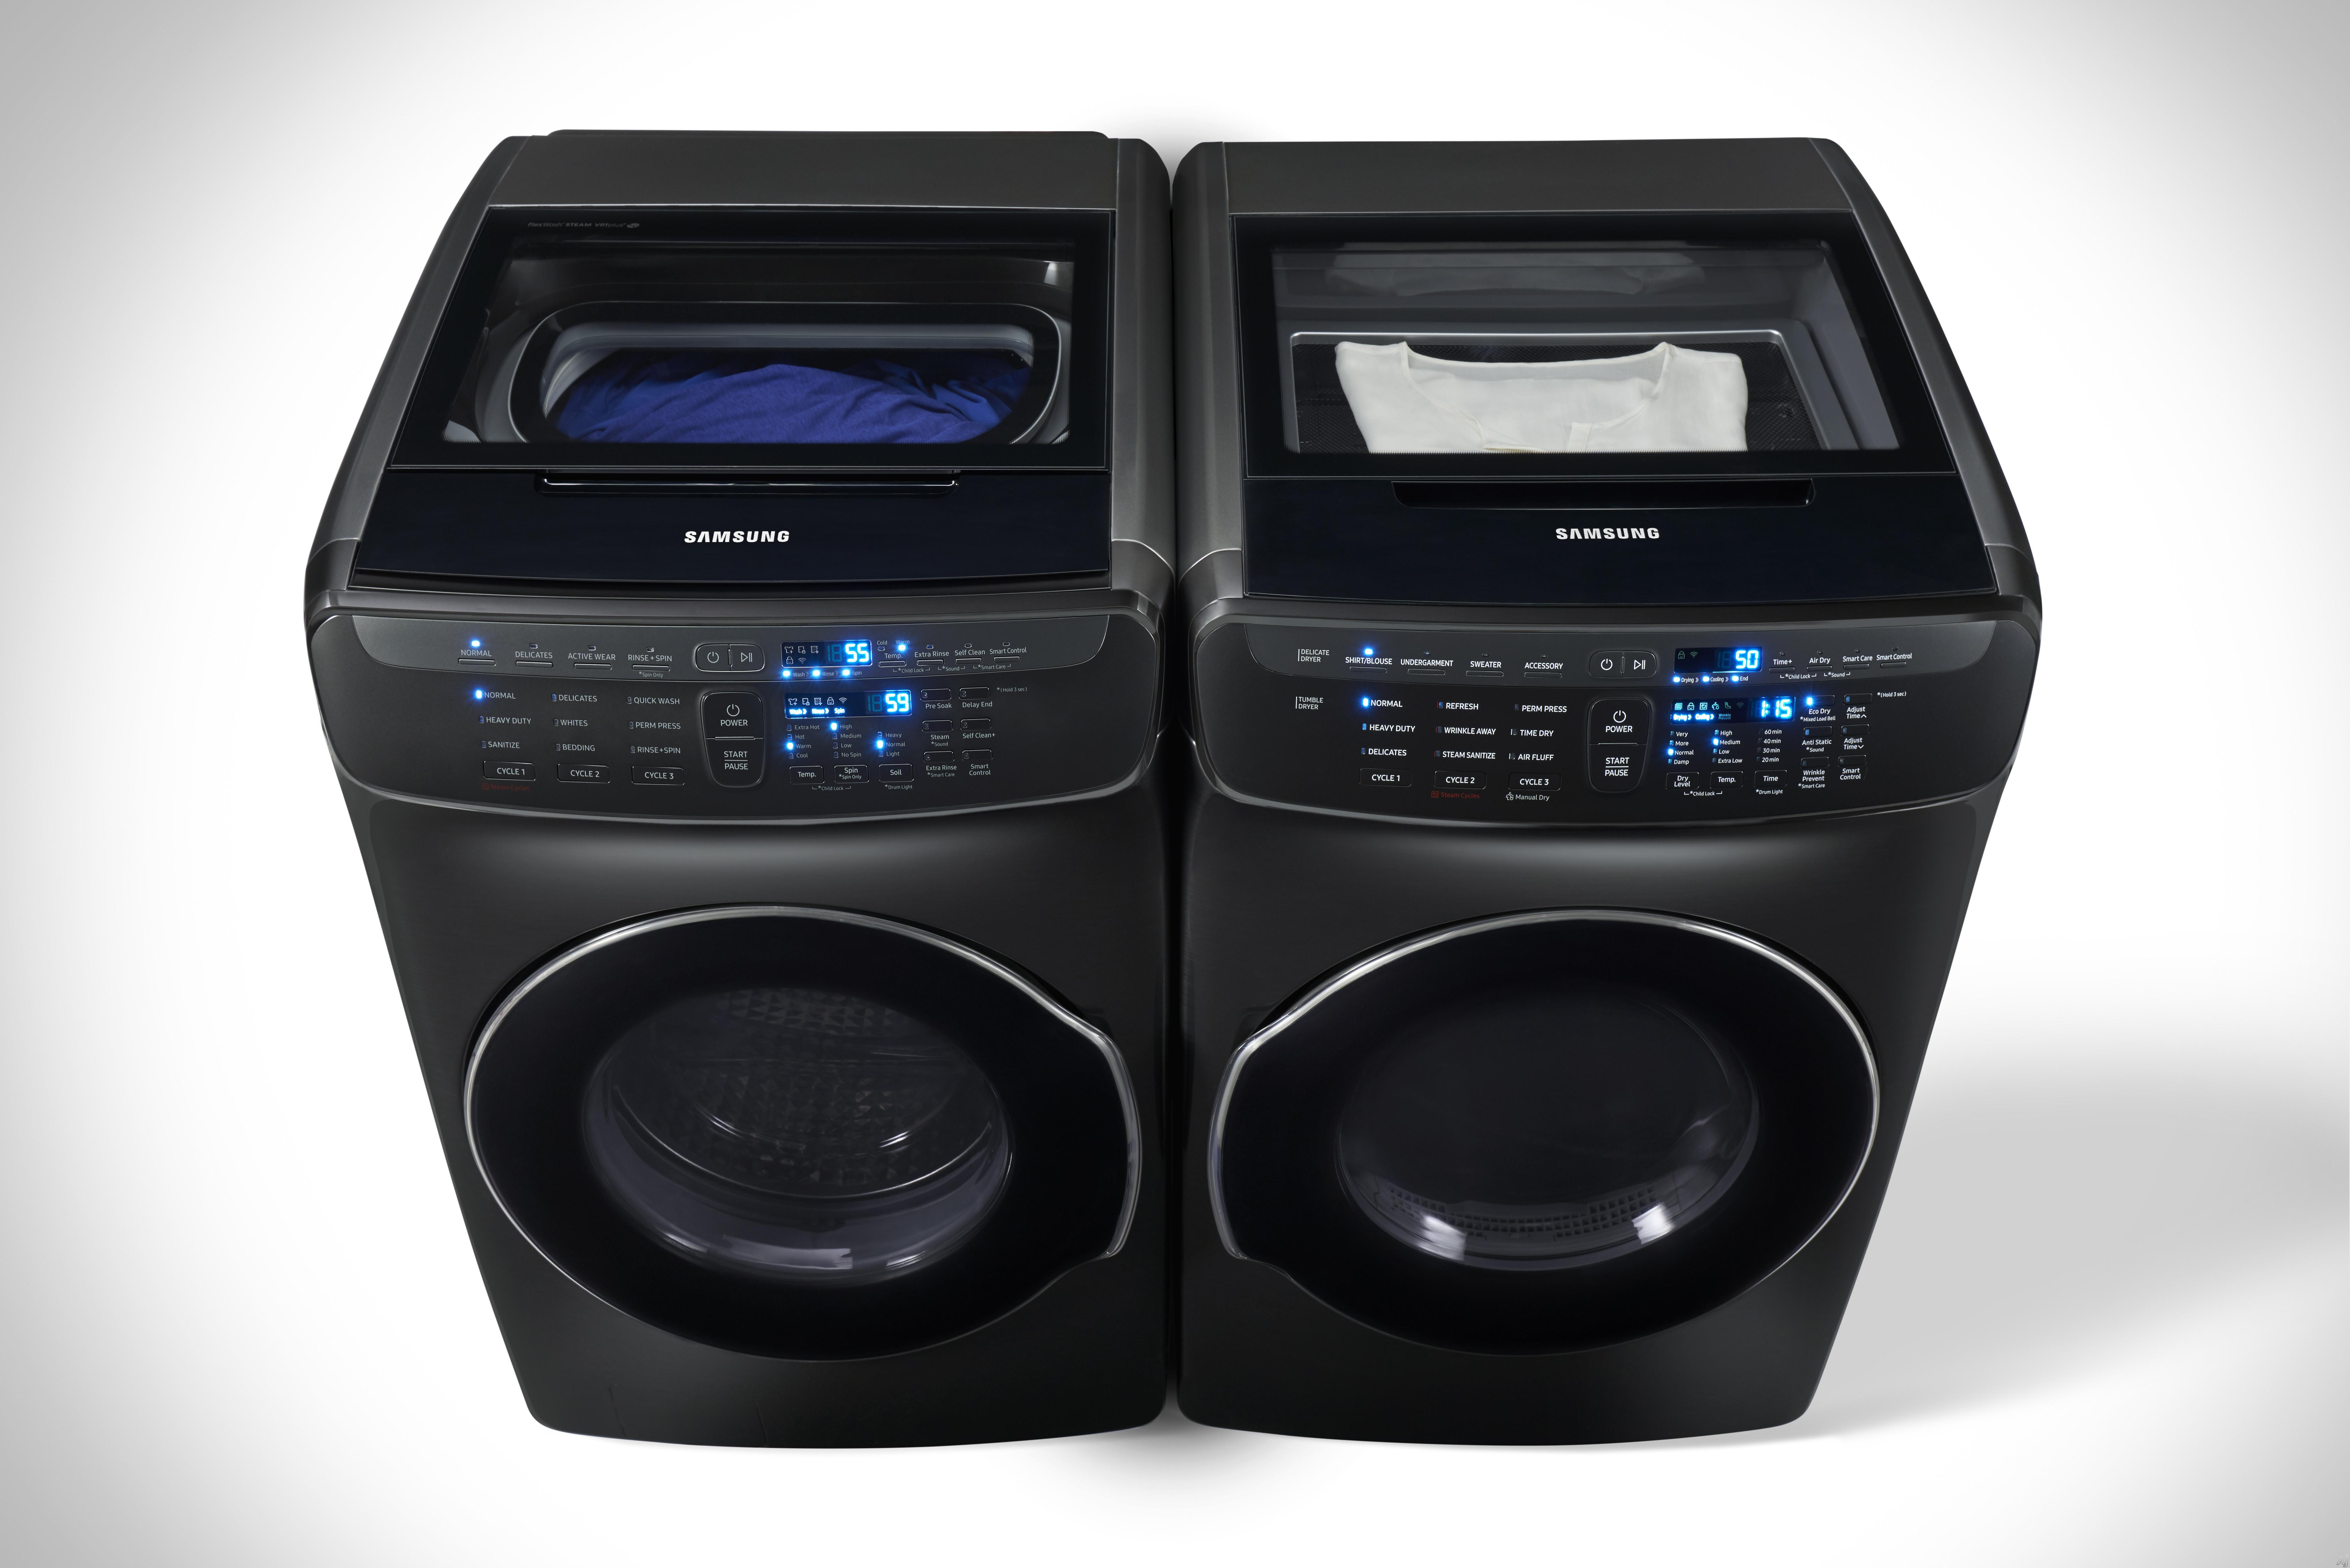 Samsung Sawadrev341 Side By Side Washer Amp Dryer Set With